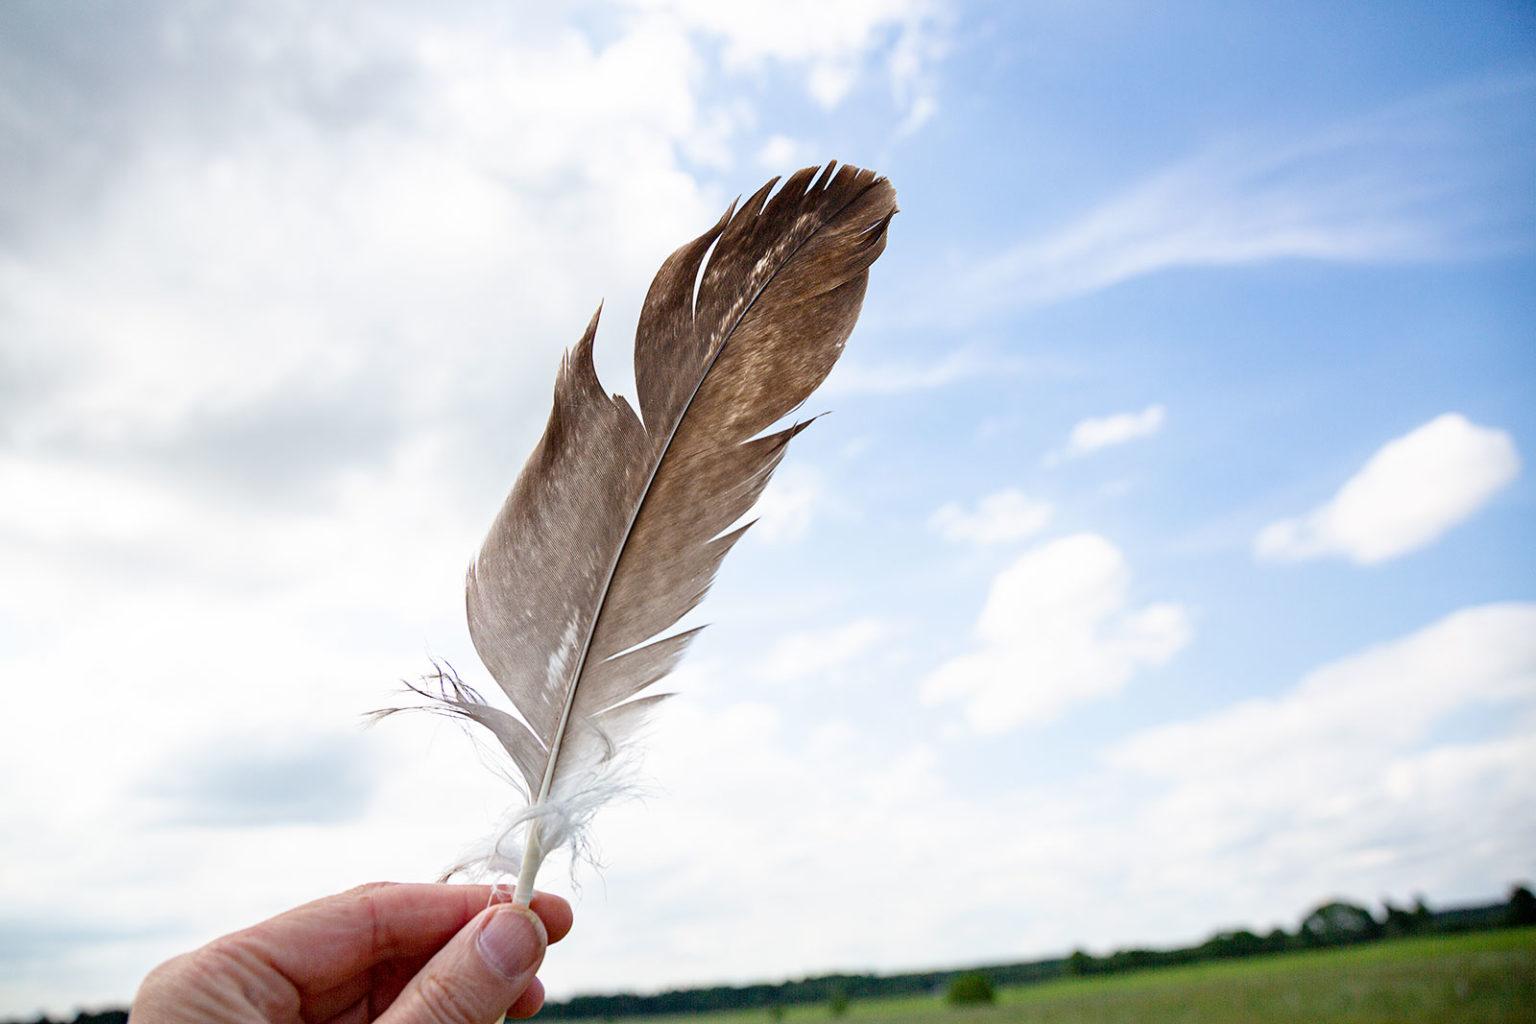 Die Feder ist tatsächlich von einem Seeadler.